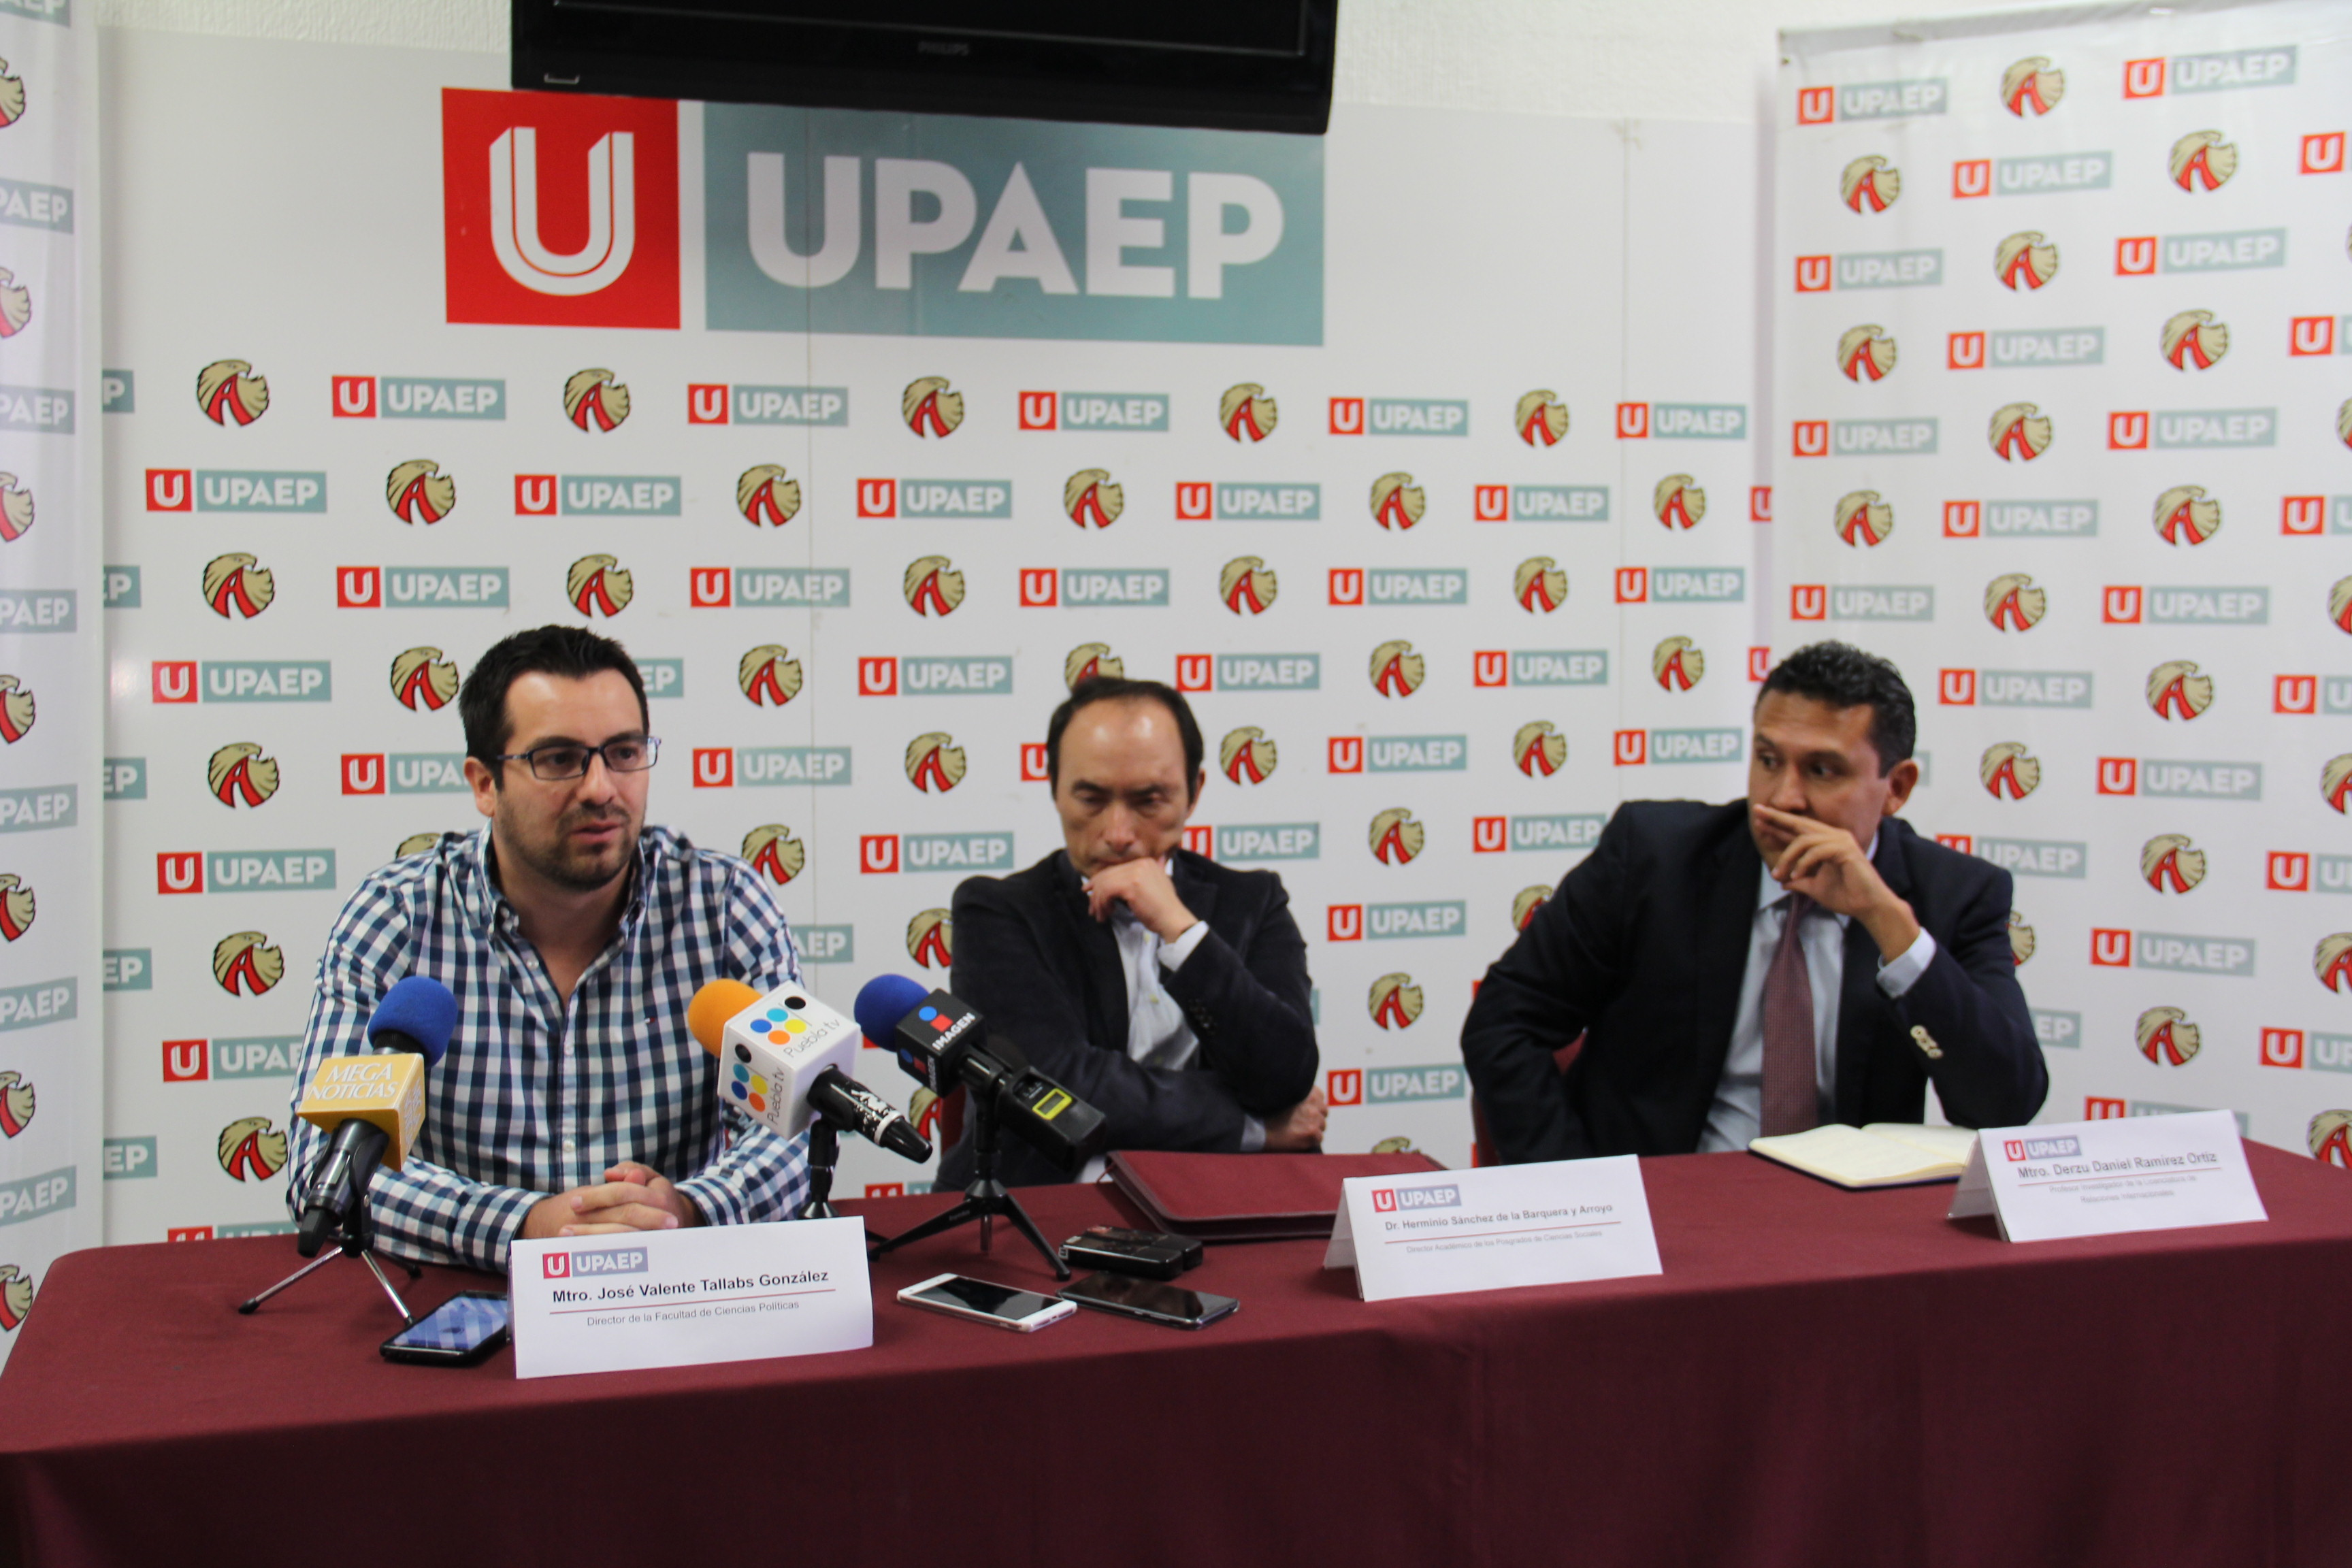 Académicos UPAEP destacan doble estructura de las fuerzas armadas